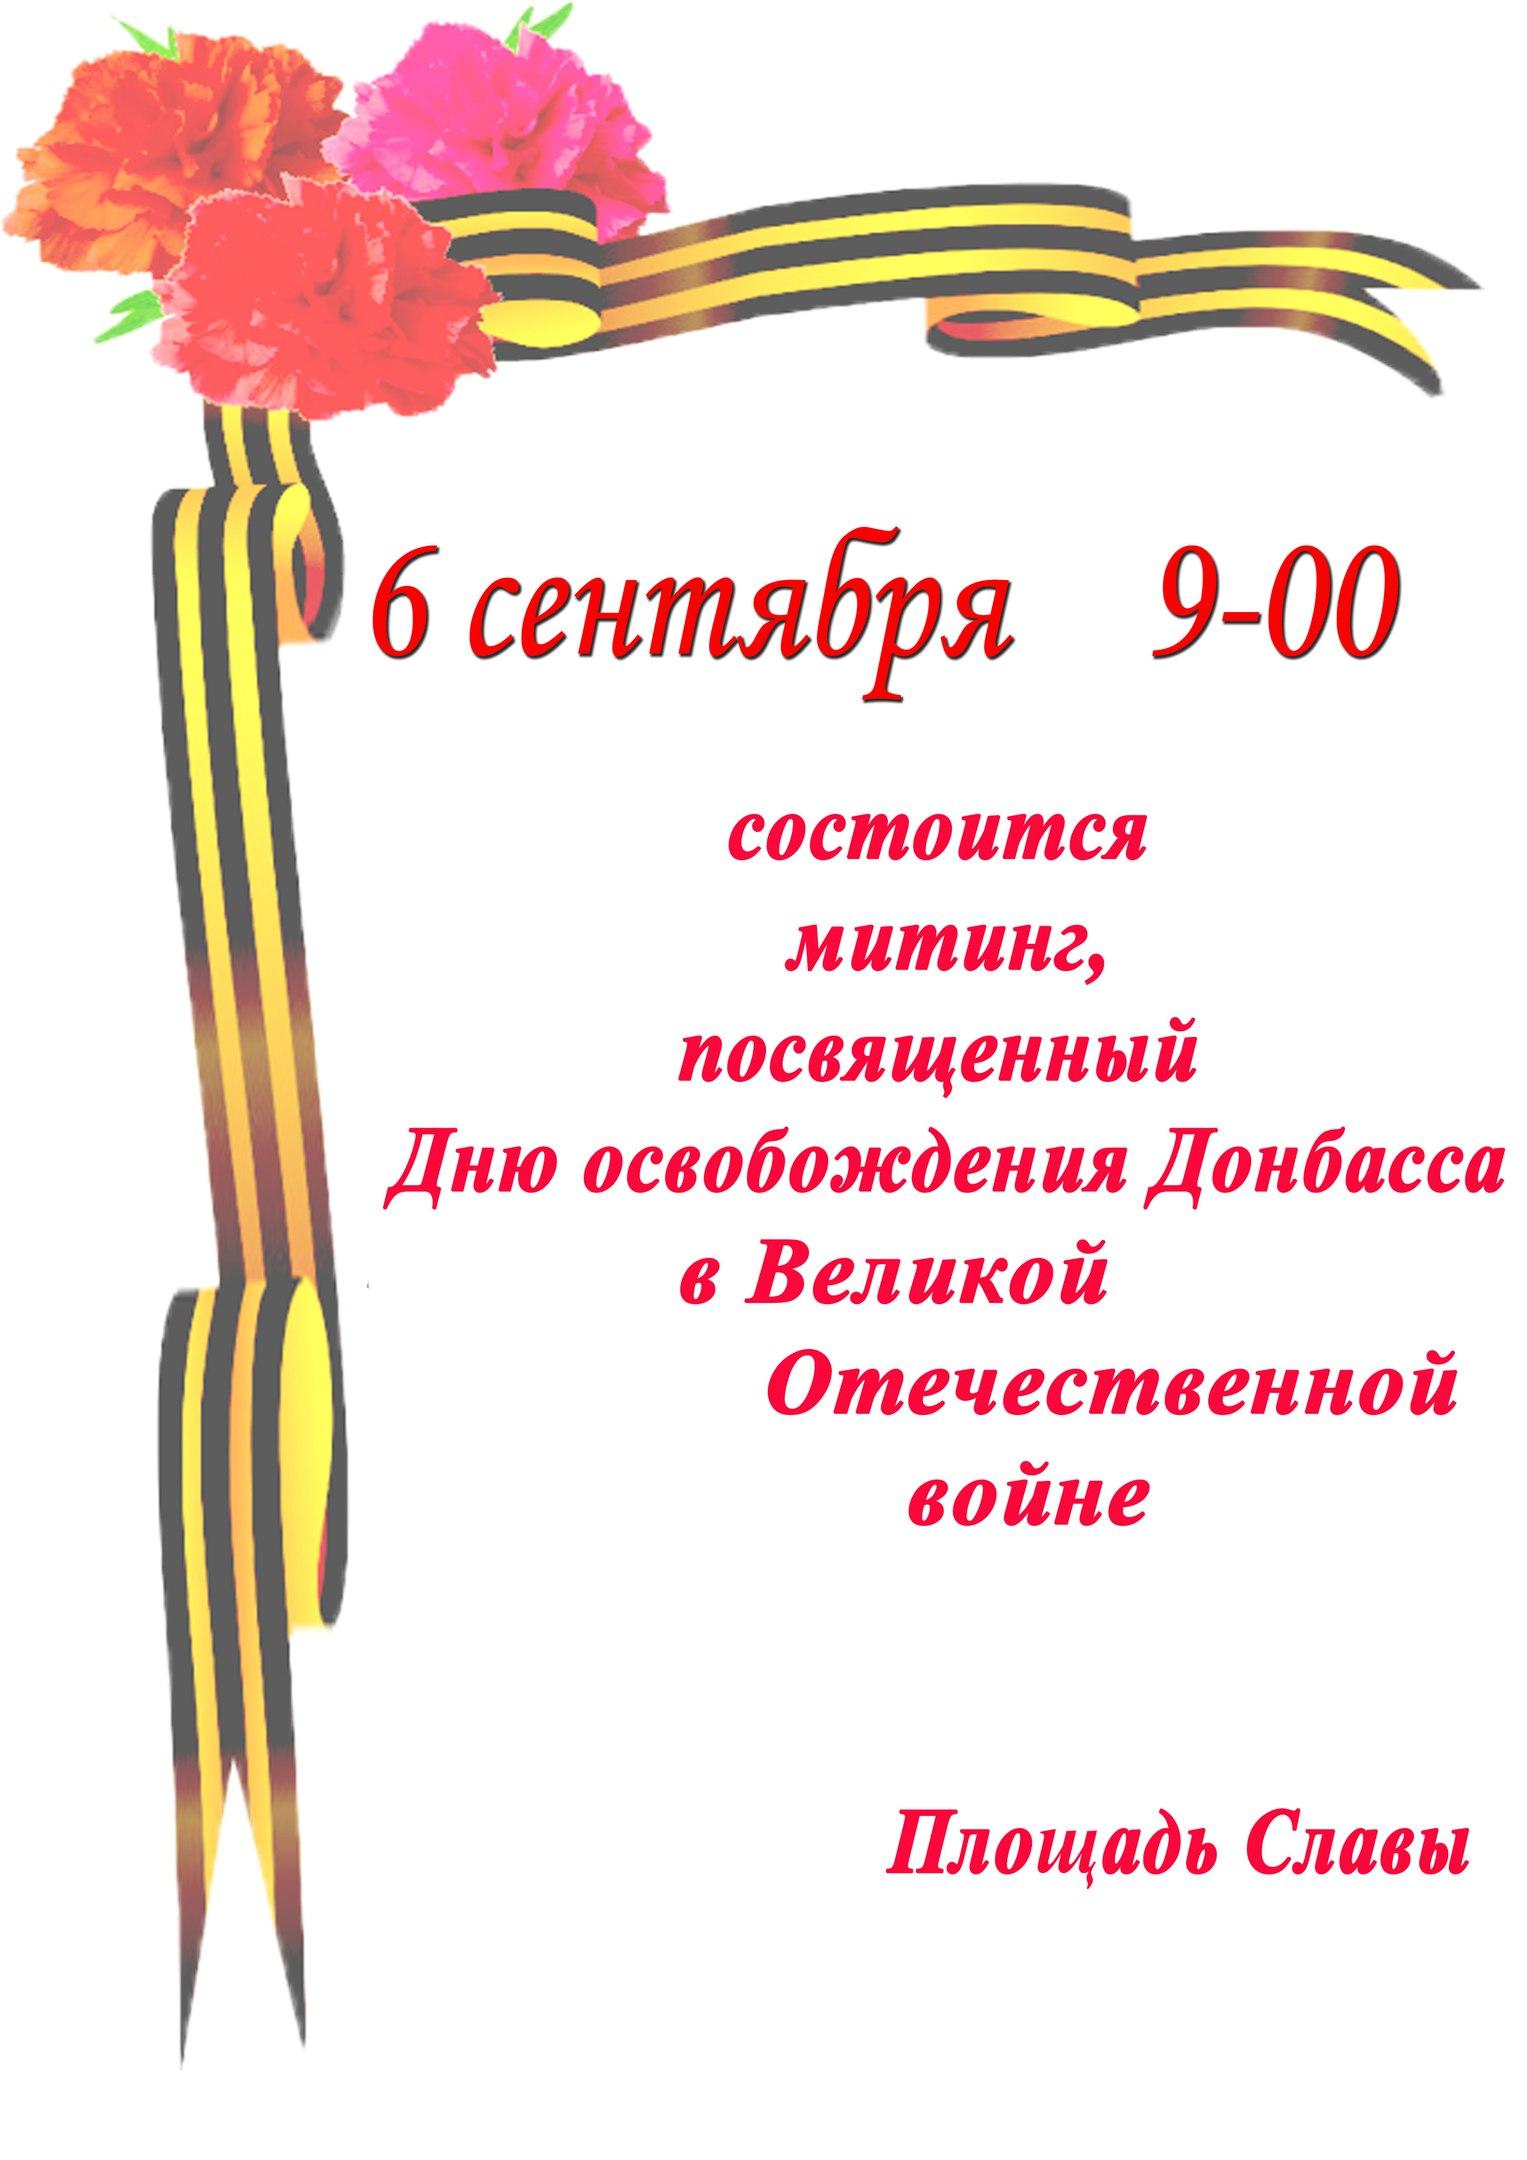 Открытка ко дню освобождения донбасса в школу